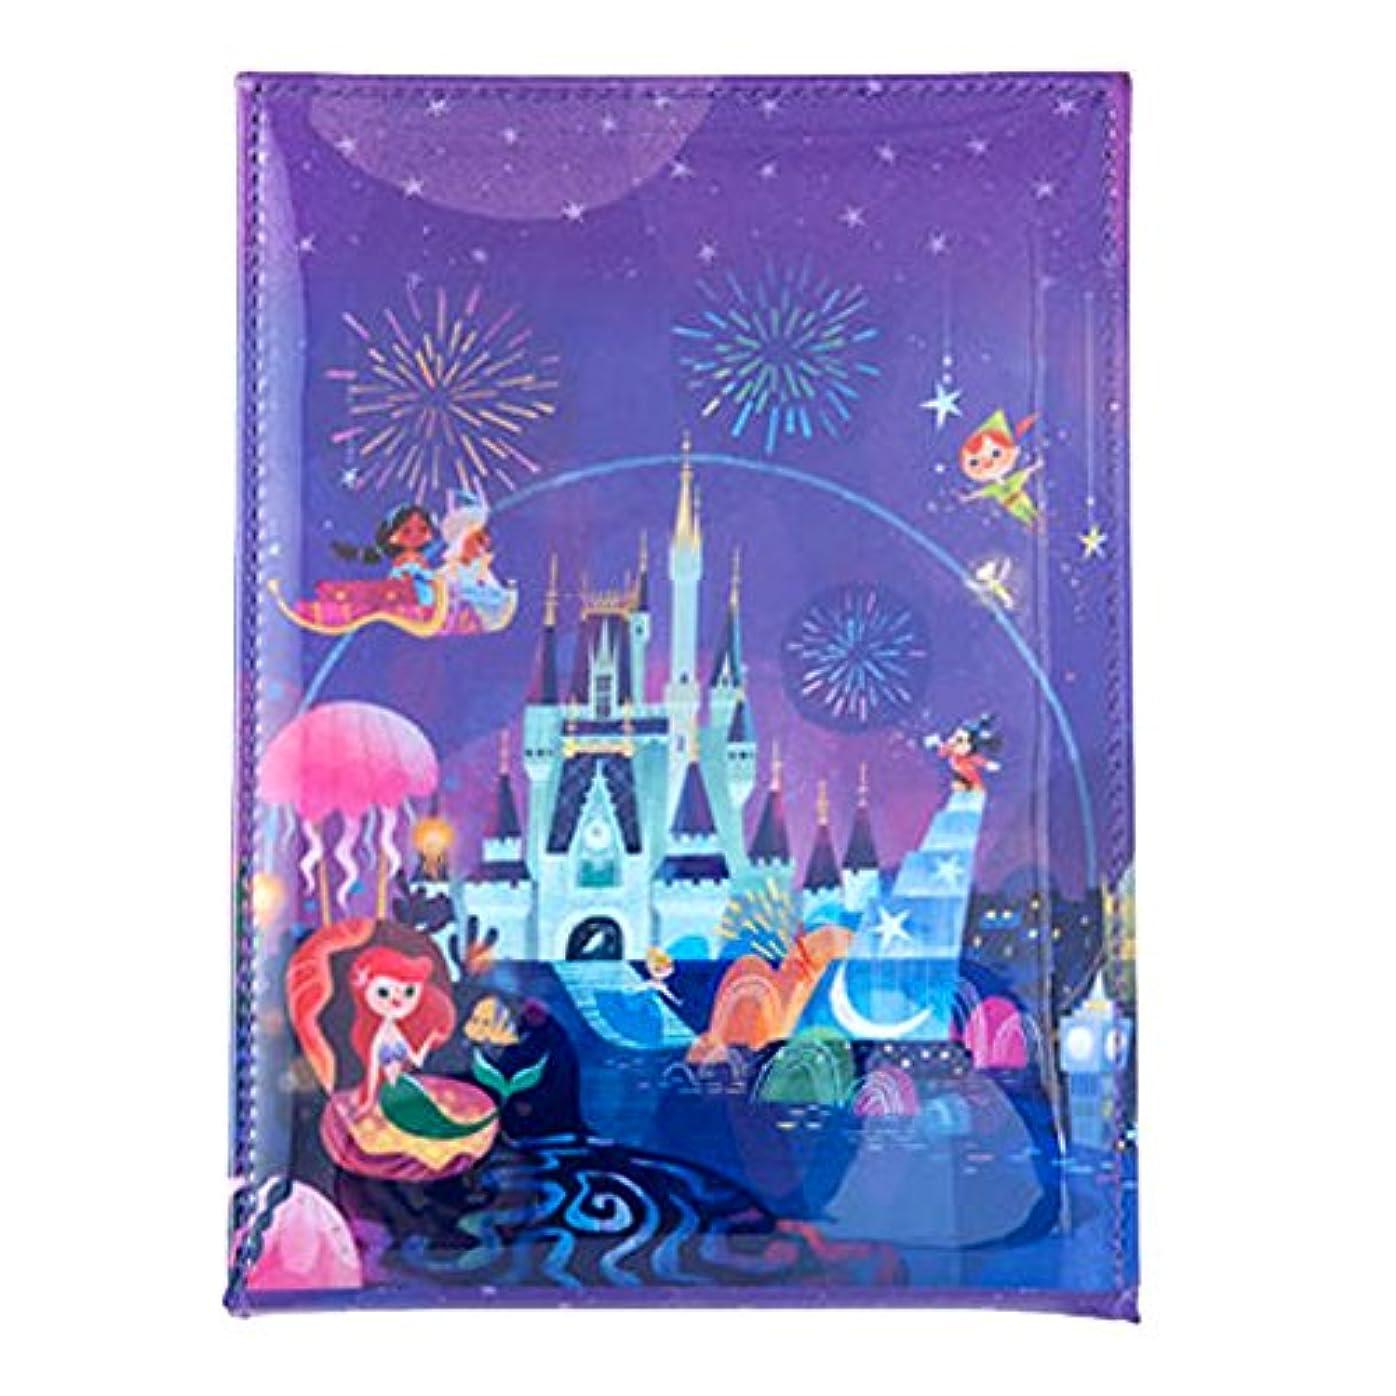 ブースト人生を作る純粋な夜空ファンタジー風 スタンド 式 ミラー ディズニー 鏡 ミッキー アリエル 他 セレブレーションホテル デザイン リゾート 限定